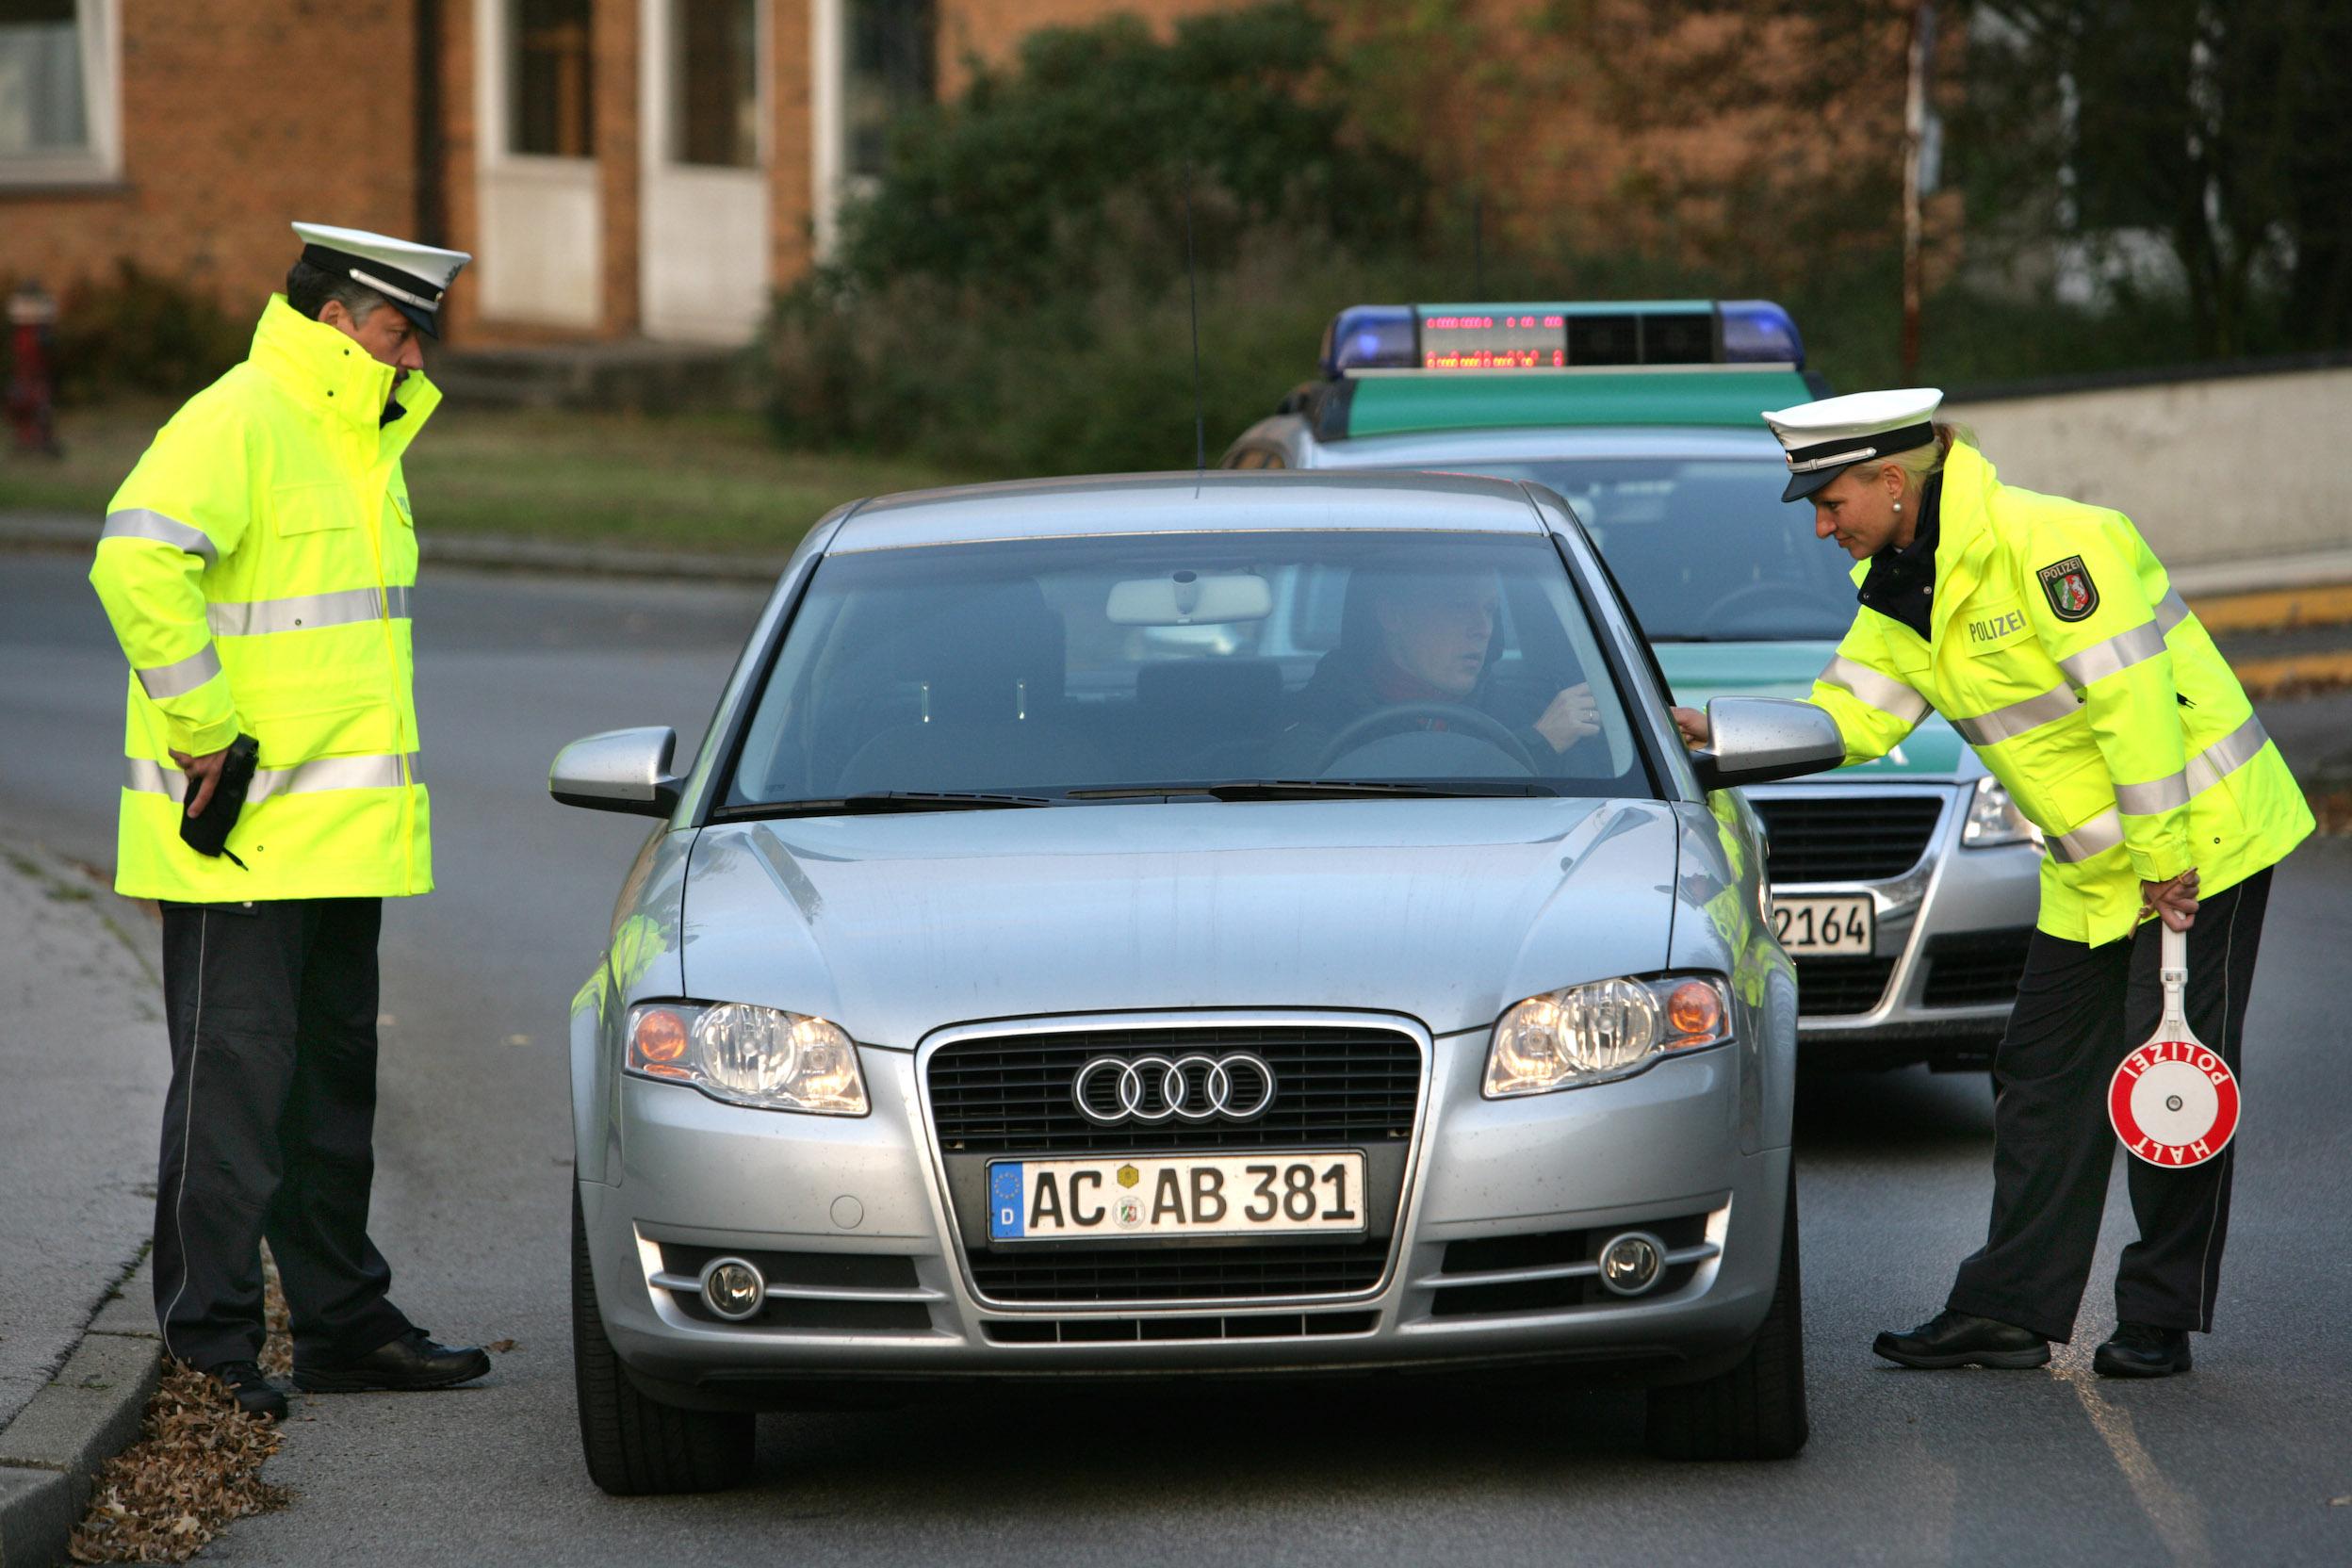 Polizisten-Humor